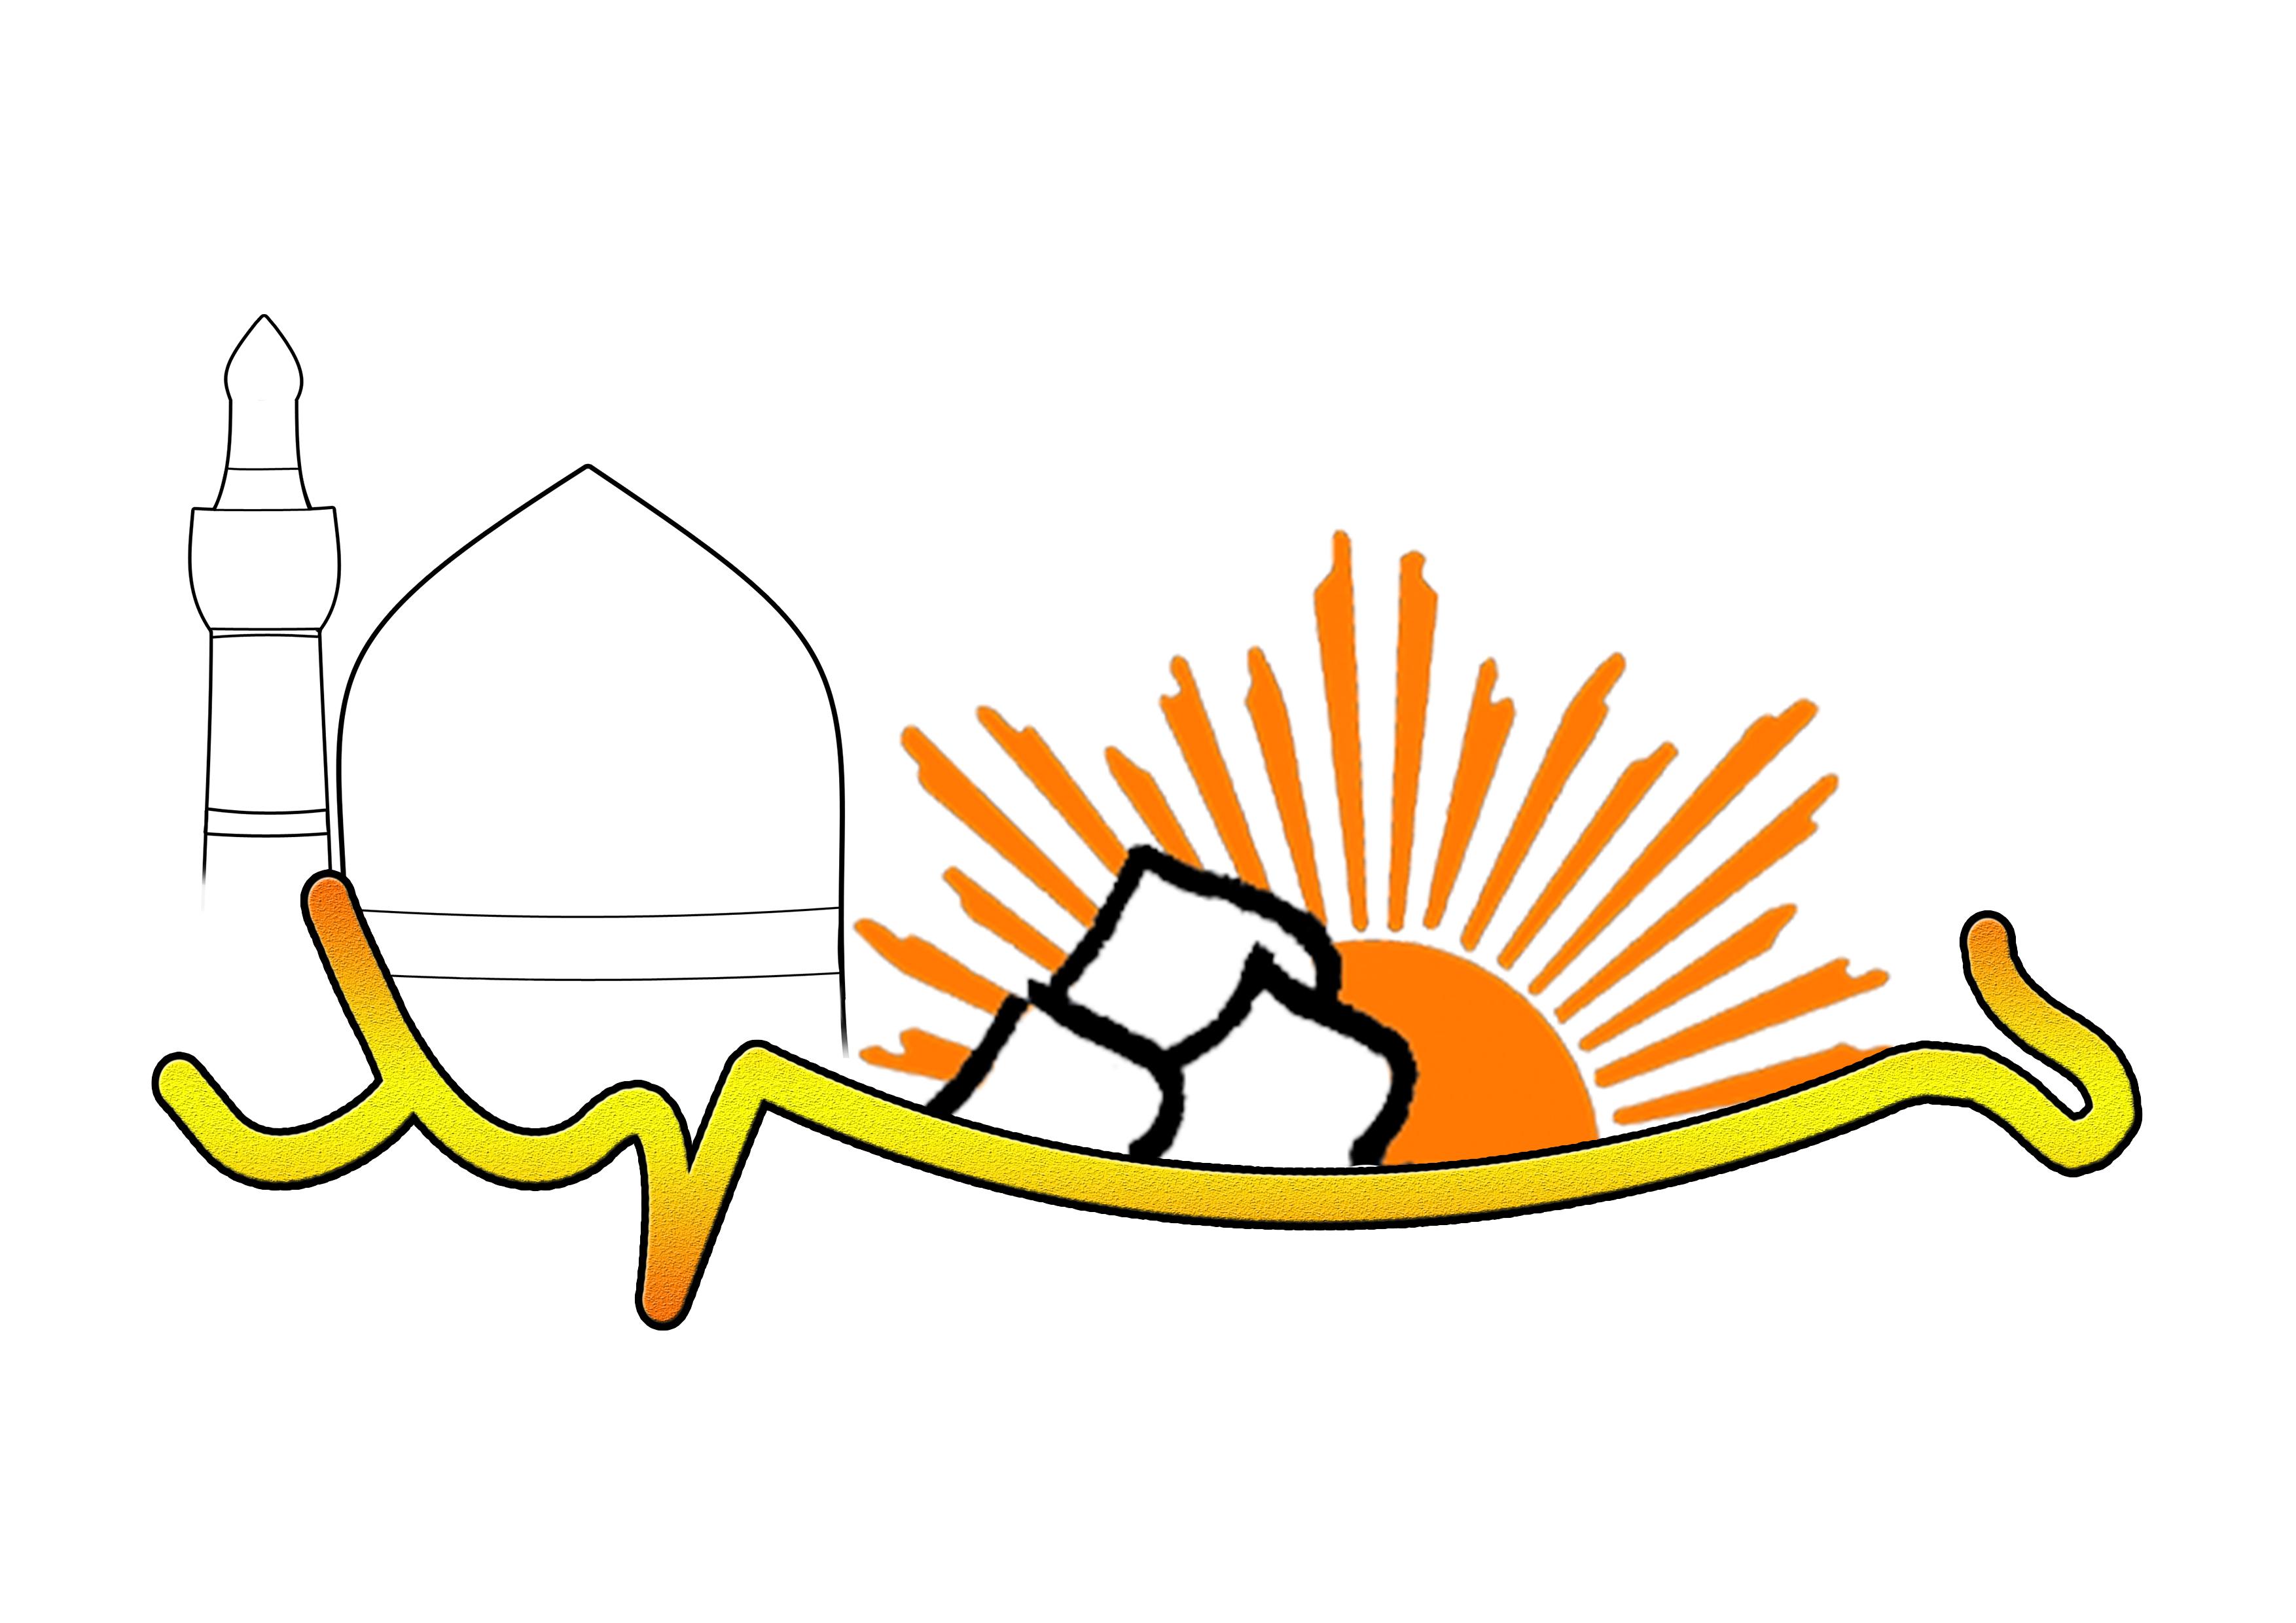 لوگو ی اردوی مشهد :: تیک تاکاین لوگو برای اردوی مشهد دوره 19 علامه حلی 2 طراحی شده